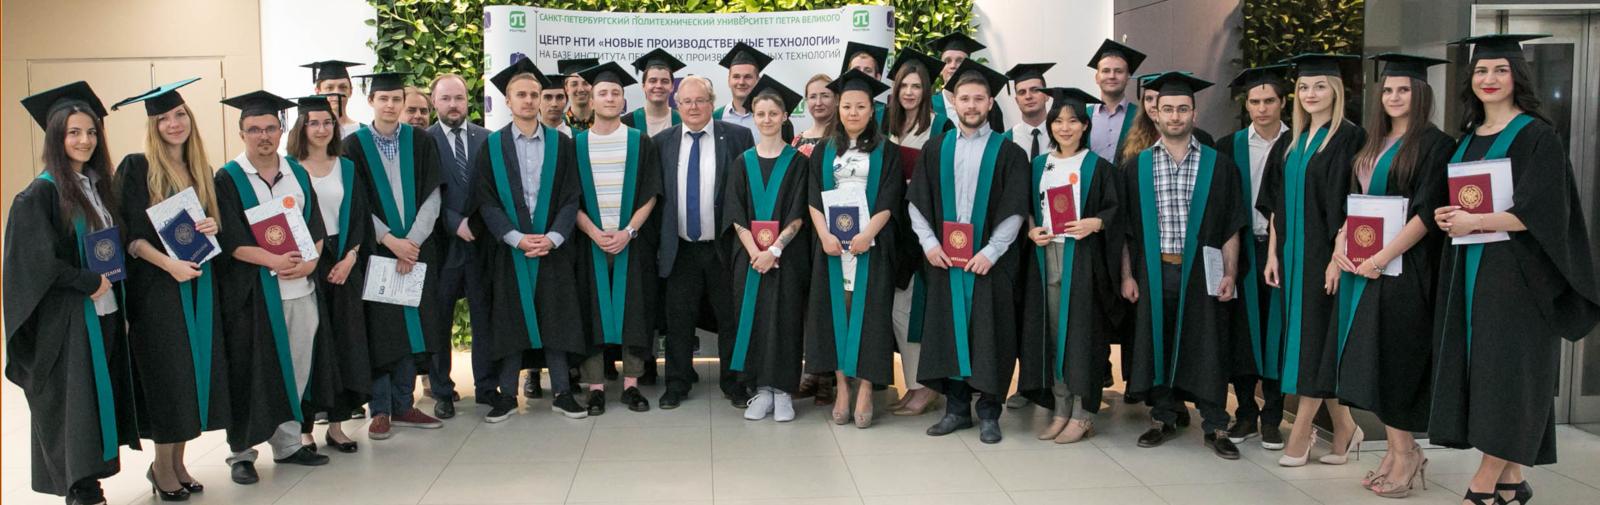 Дипломы 2019